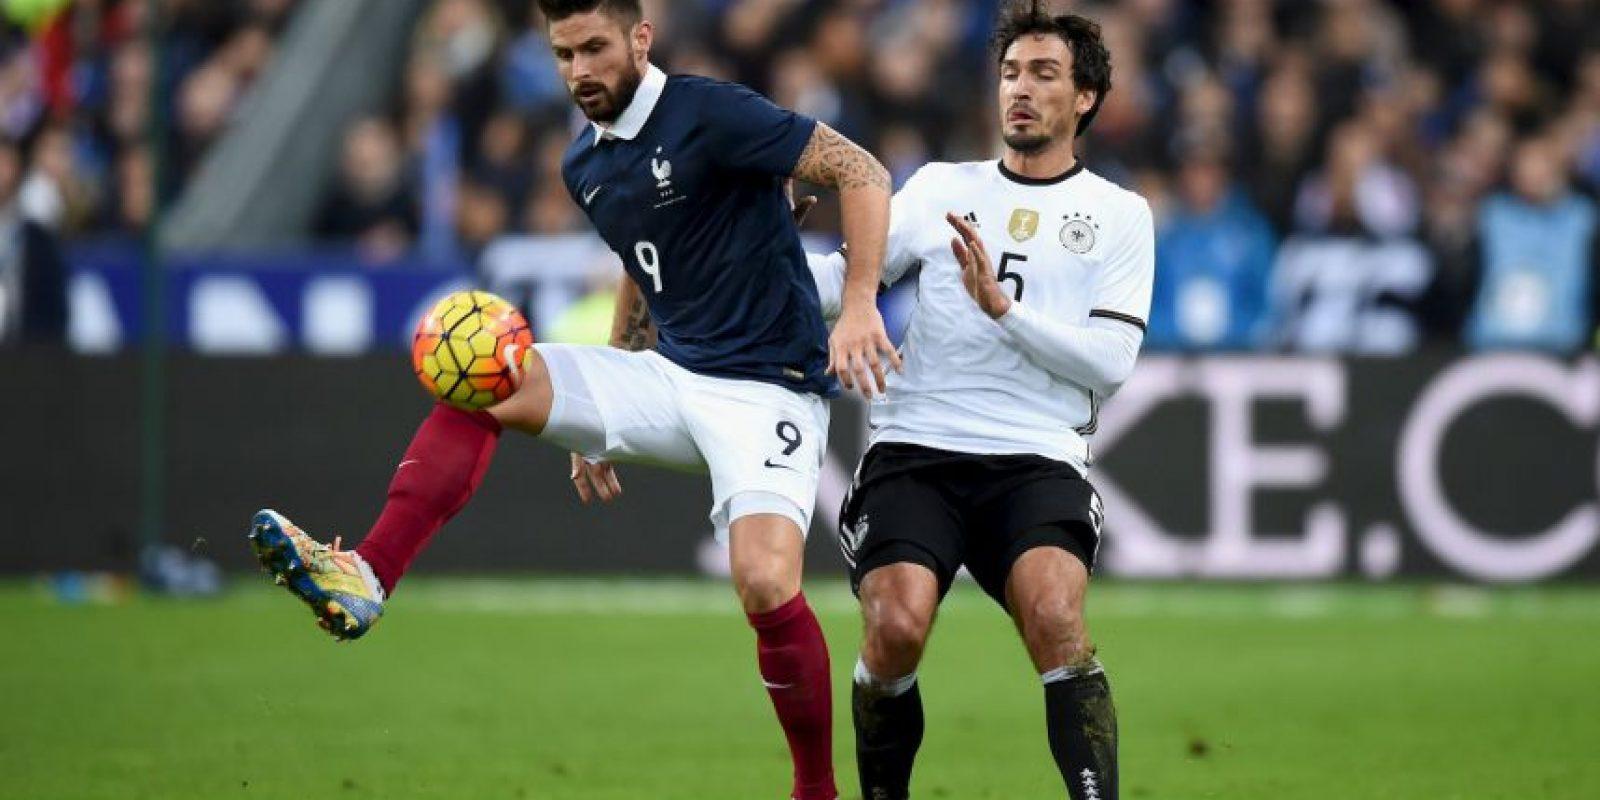 El partido terminó 2-0 a favor de los locales. Foto:Getty Images